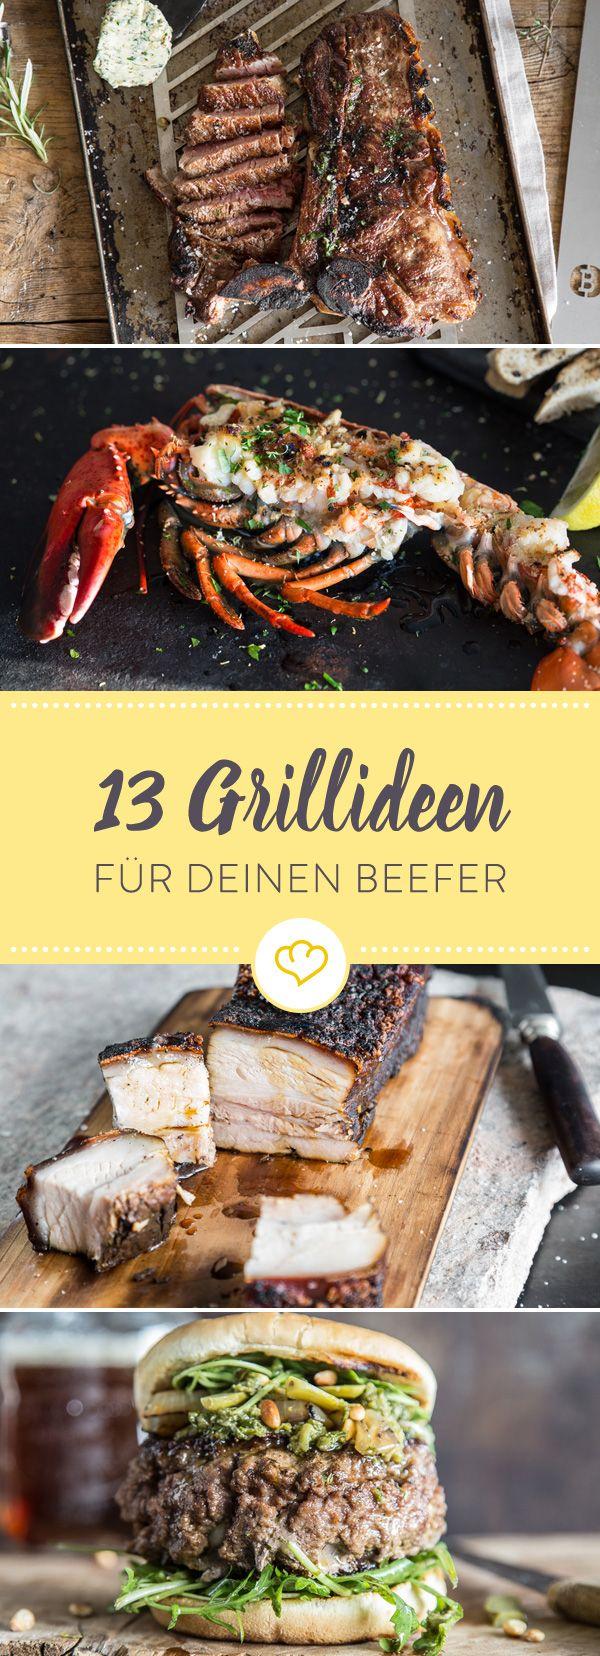 Der Beefer ist Kult: Die Grillmaschine röstet Ihnen Ihr Steak bei sagenhaften 800 °C Oberhitze. Frische Rezepte gibt's im Springlane Magazin.